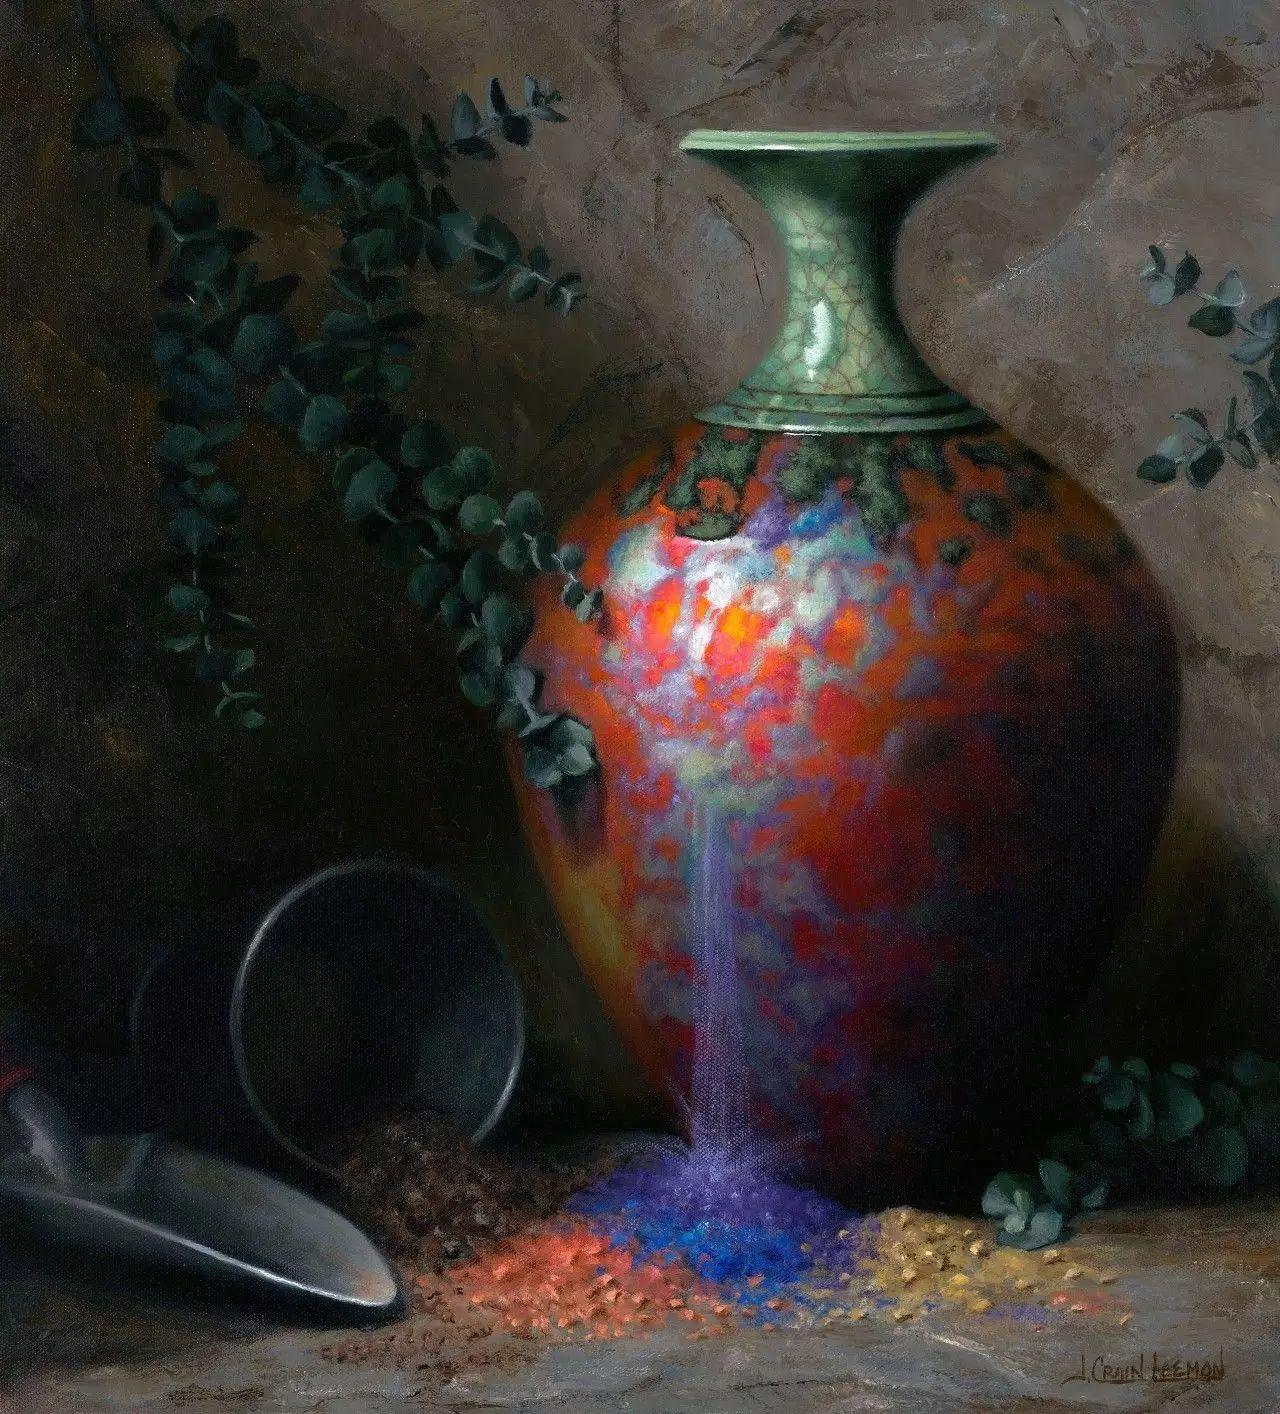 美国女画家Jeanne Leemon静物画欣赏插图53